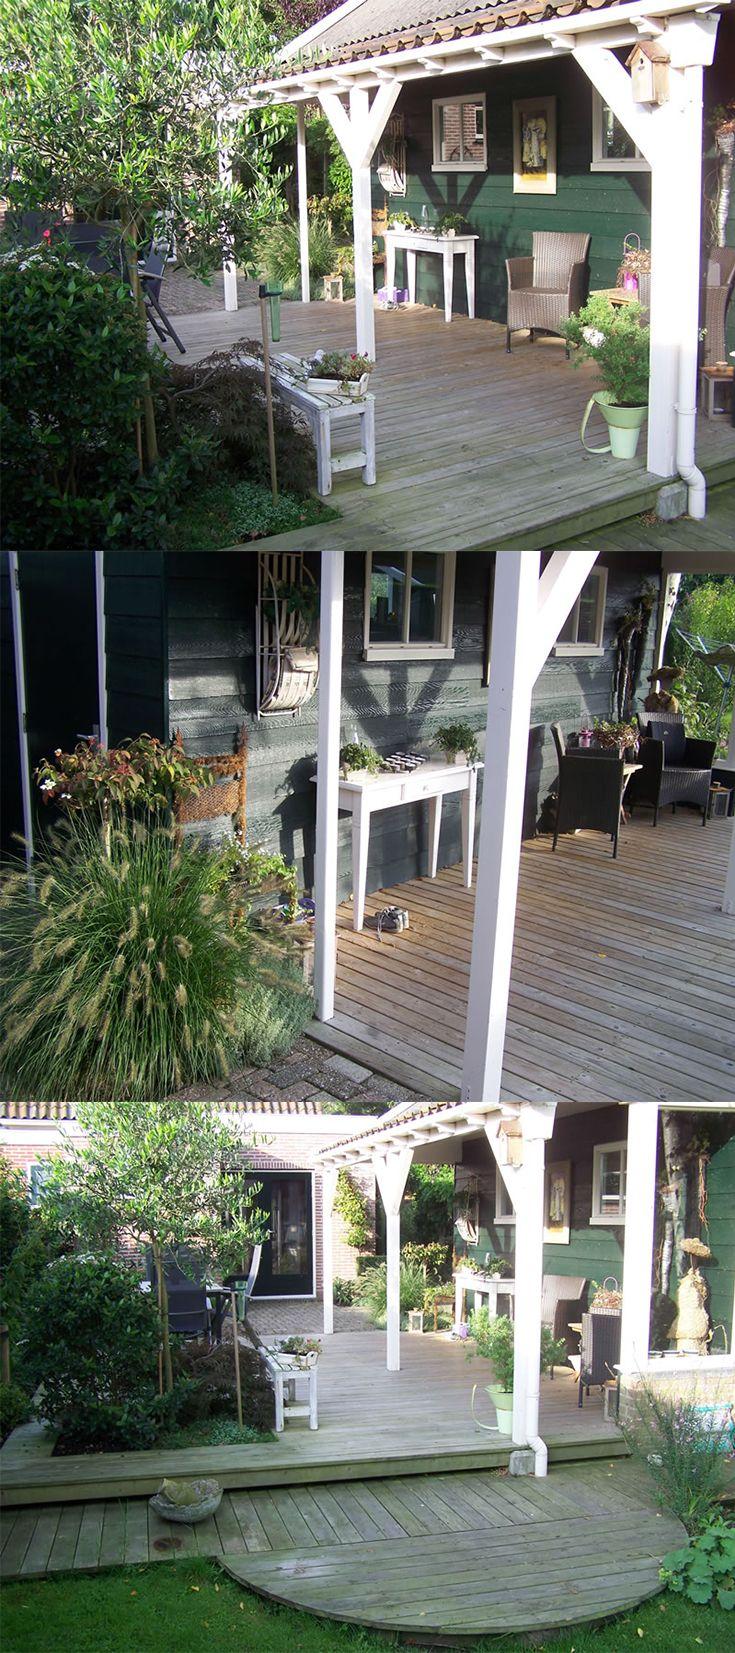 14 best images about peter langedijk tuinontwerp tuinen on pinterest parks black and pools - Terras met houten pergolas ...